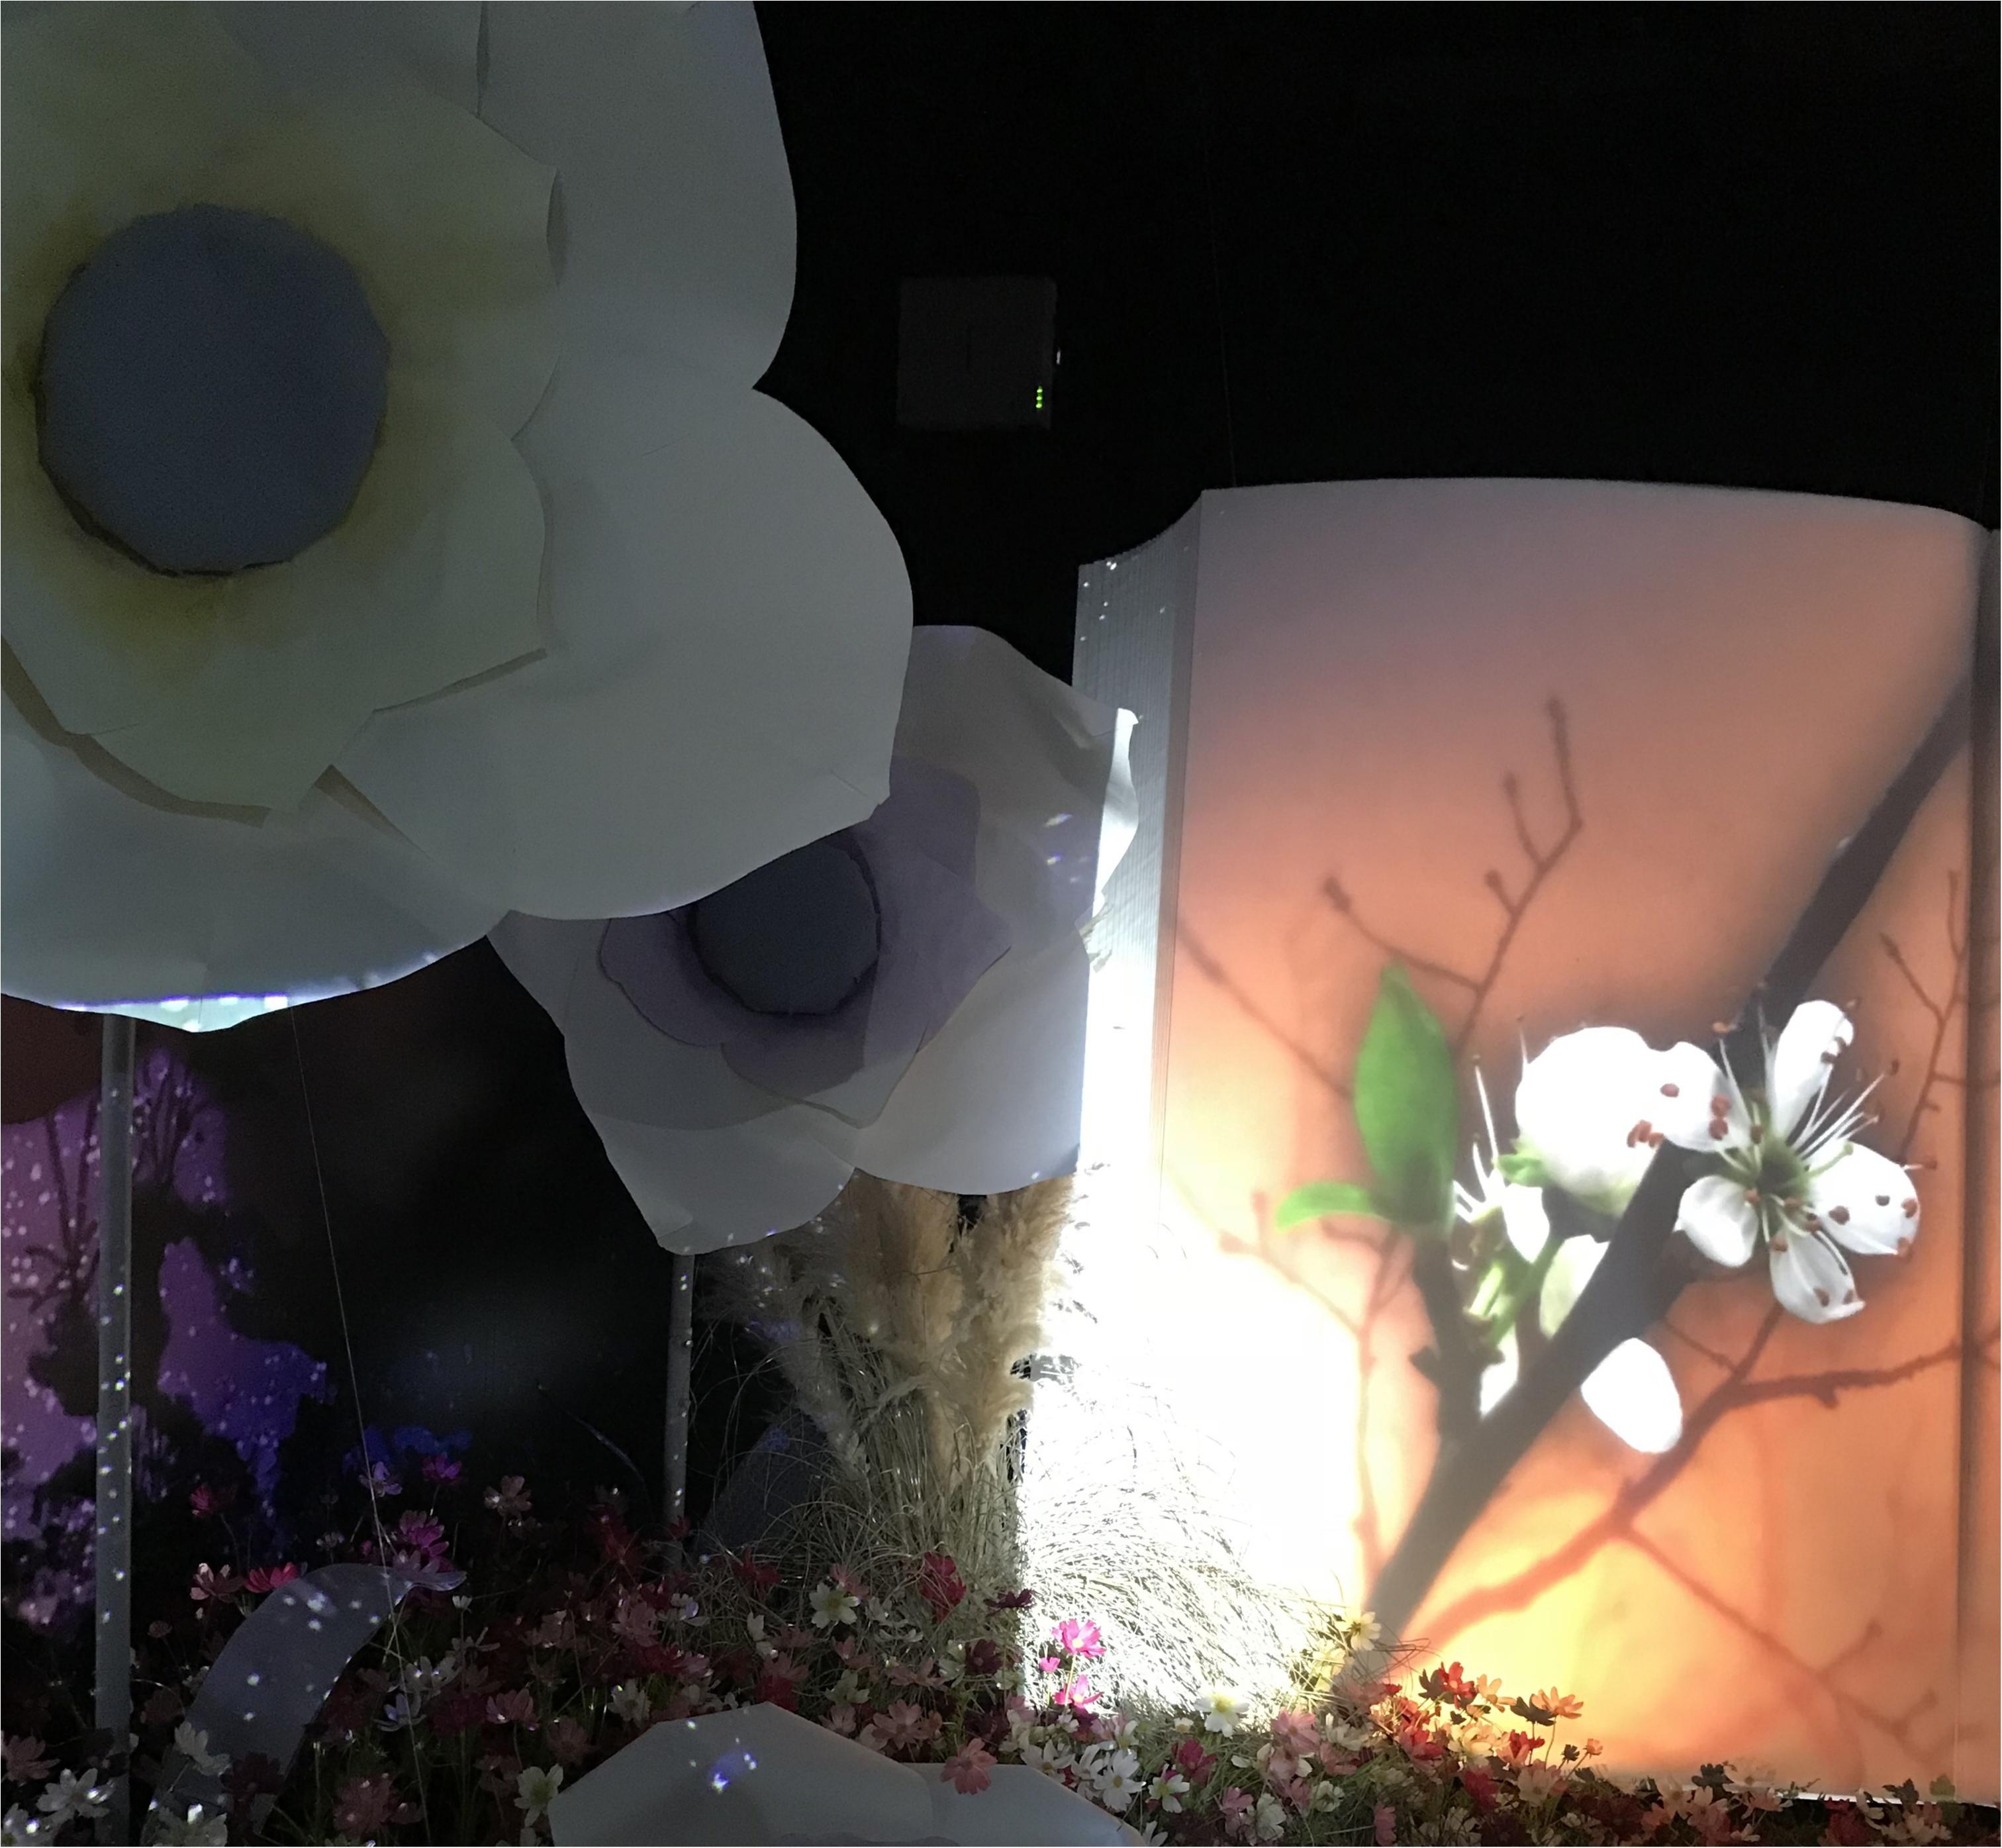 【Flower by NAKED】生花と映像のコラボ♡ フォトジェニックな秋に咲く桜を見てきました♡_2